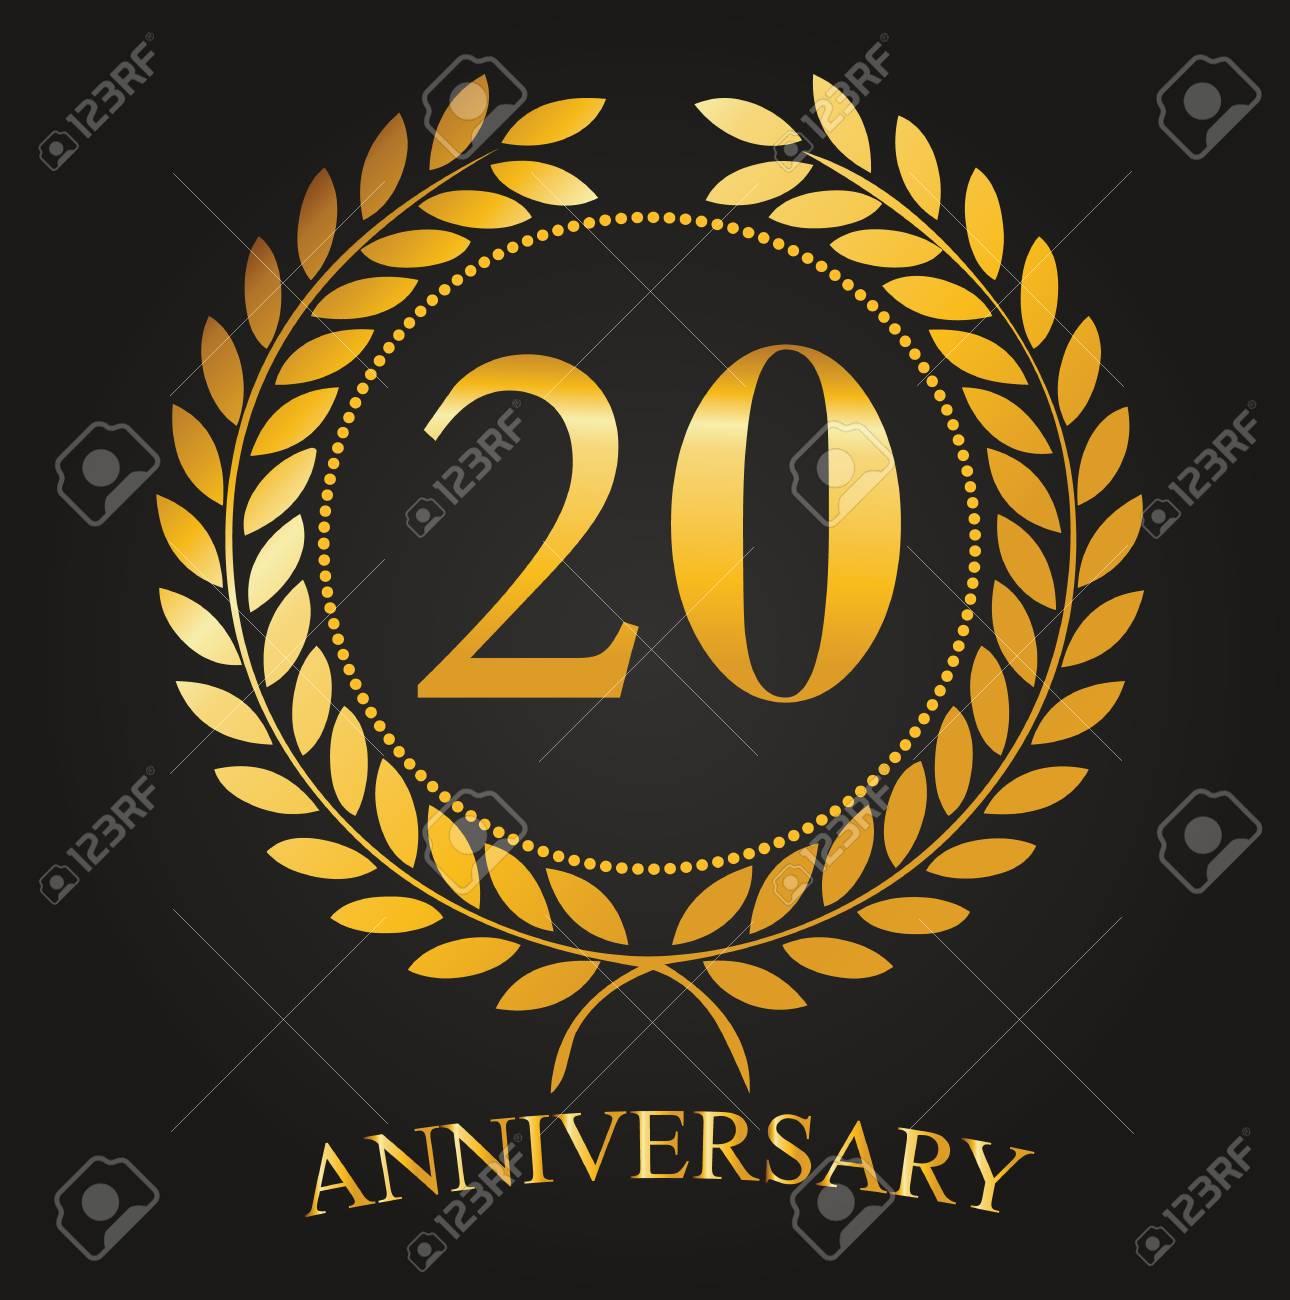 20 Ans Anniversaire Golden Label 20e Anniversaire Logo Célébrité Ruban Vector Illustration